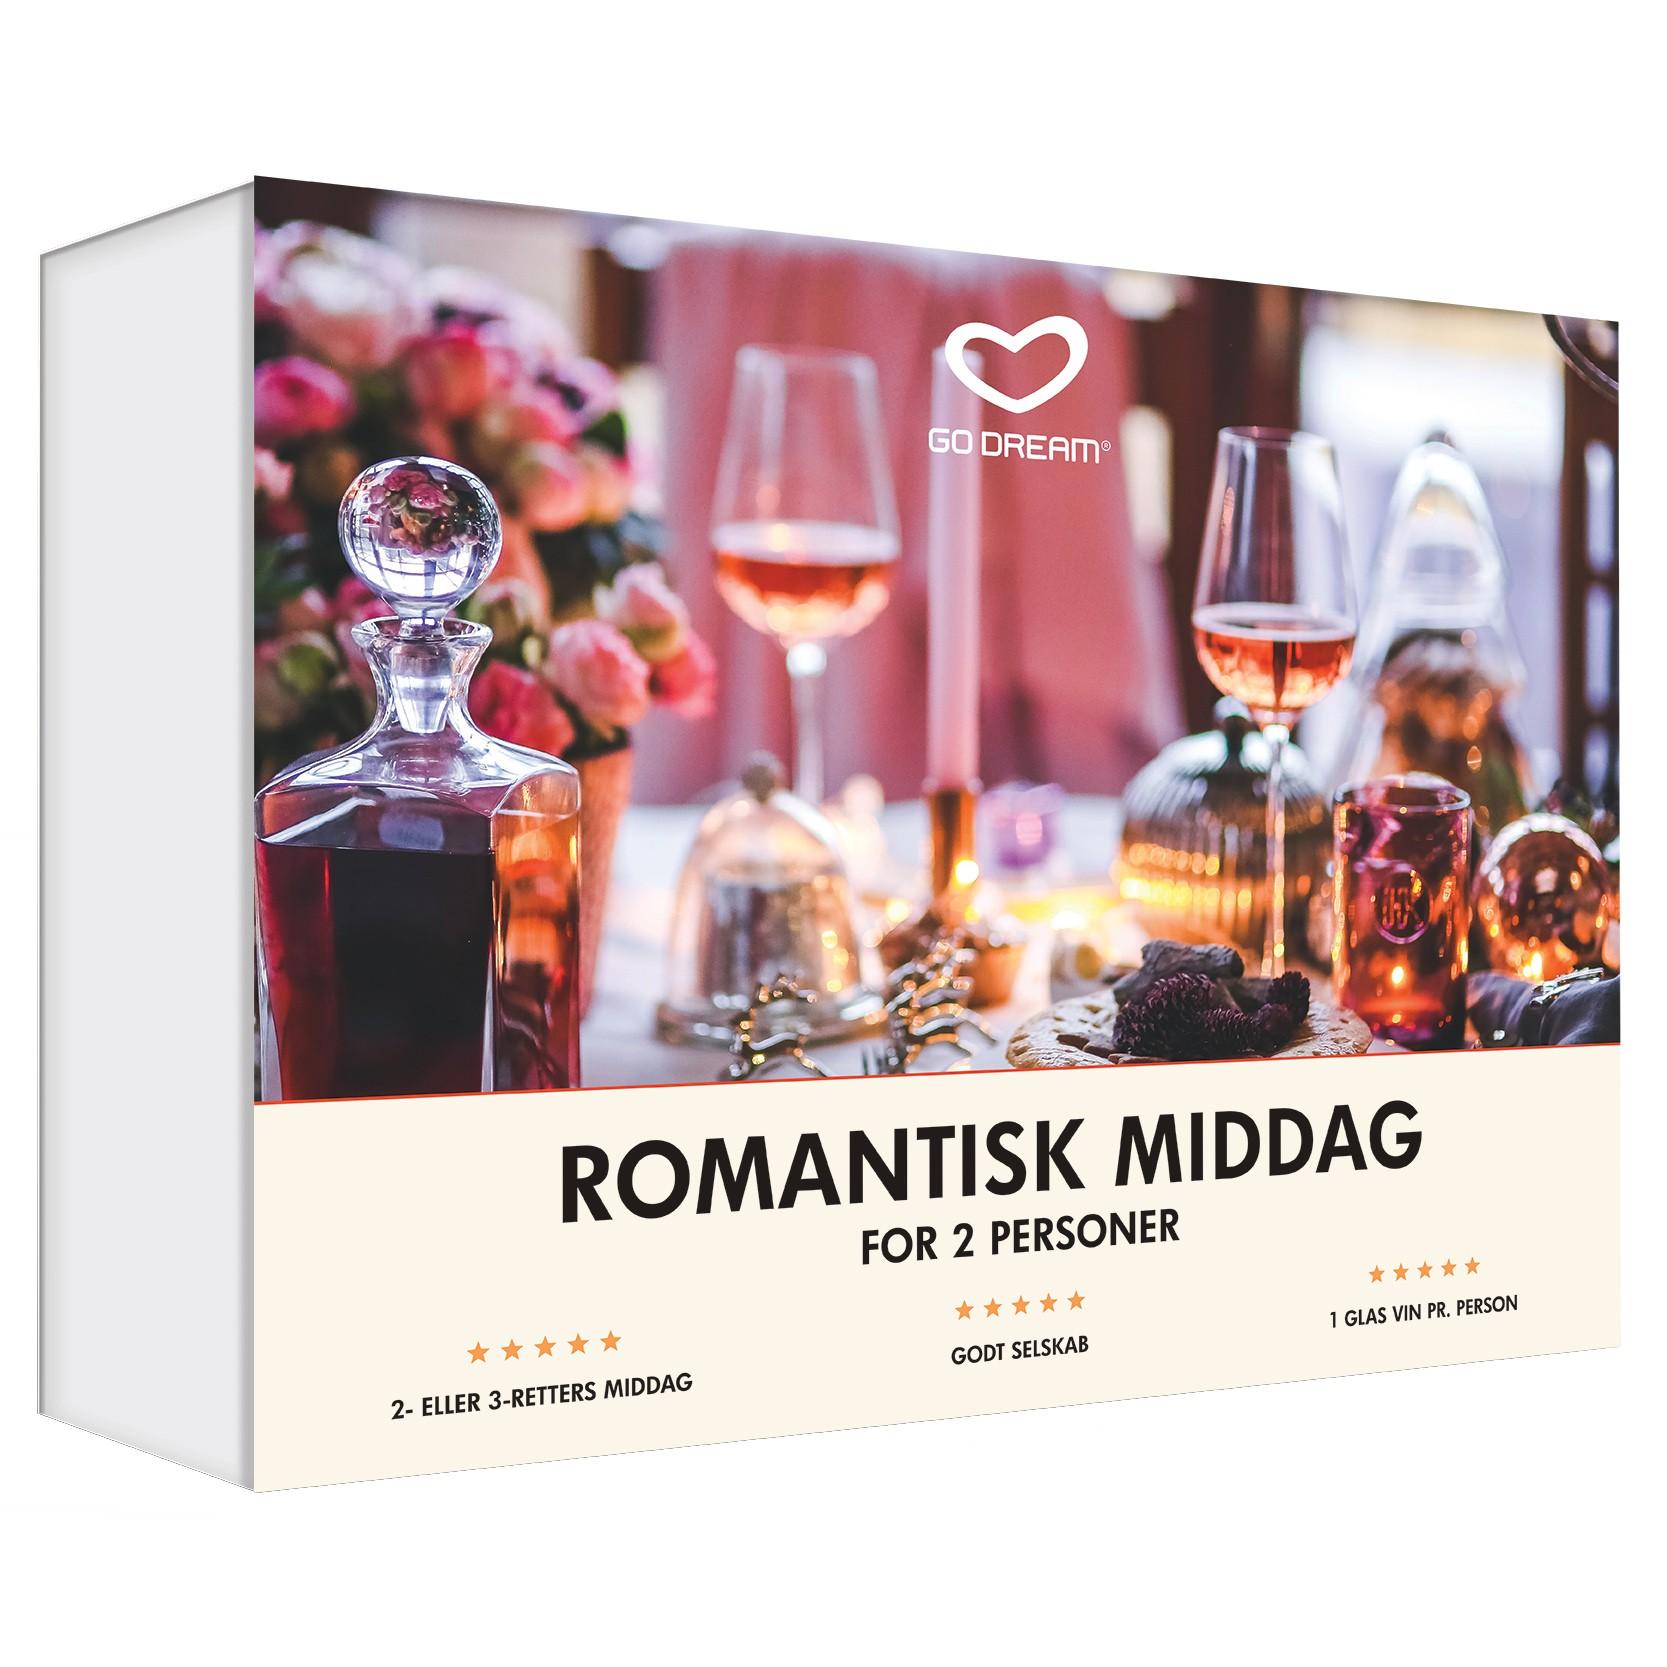 romantisk restaurant i oslo sukker date